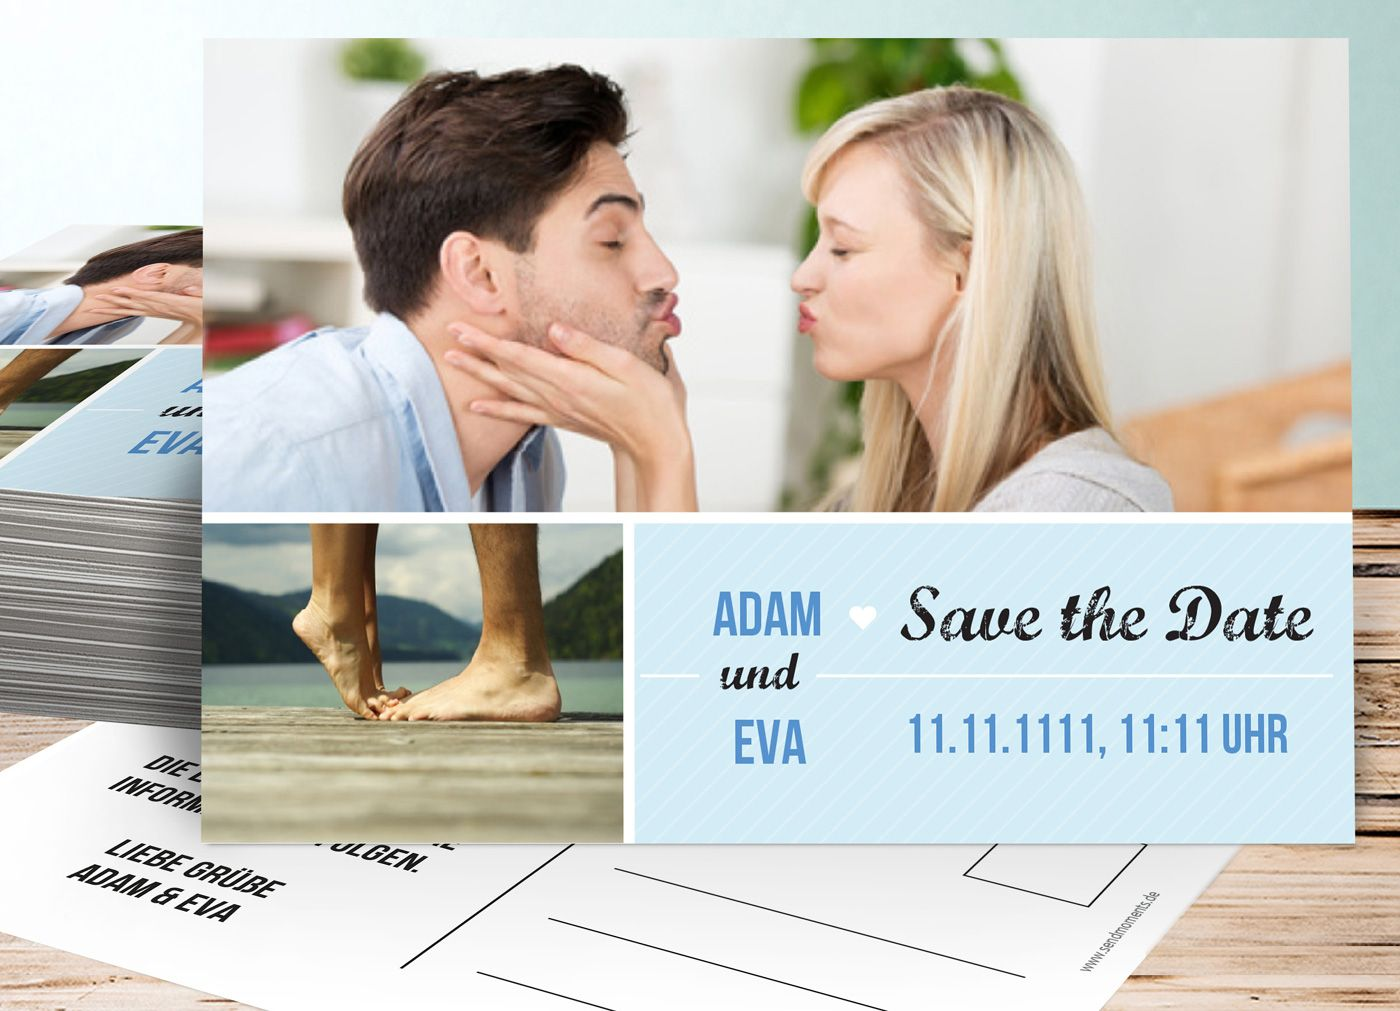 Viele moderne Save the Date Ideen findet ihr bei uns...   Umfangreiche Bildergalerie   Tipps & Infos   Beispiele zur Inspiration